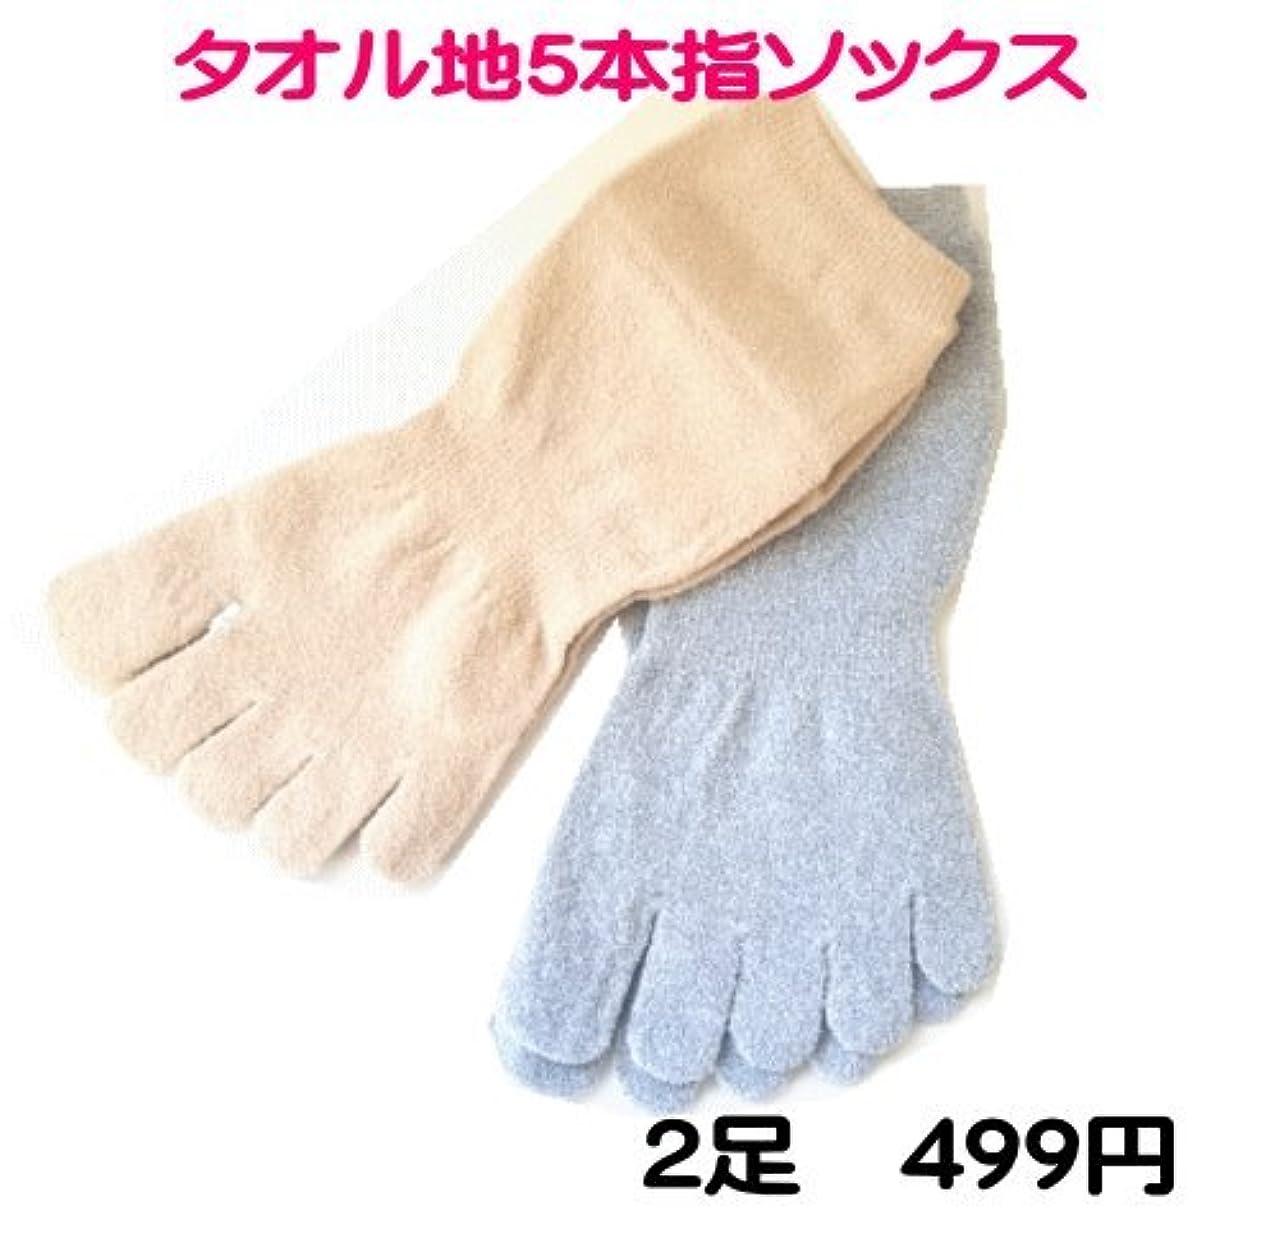 超越する風邪をひく教える在庫一掃 タオルのような肌触り 5本指 ソックス ショート丈 2足組 太陽ニット